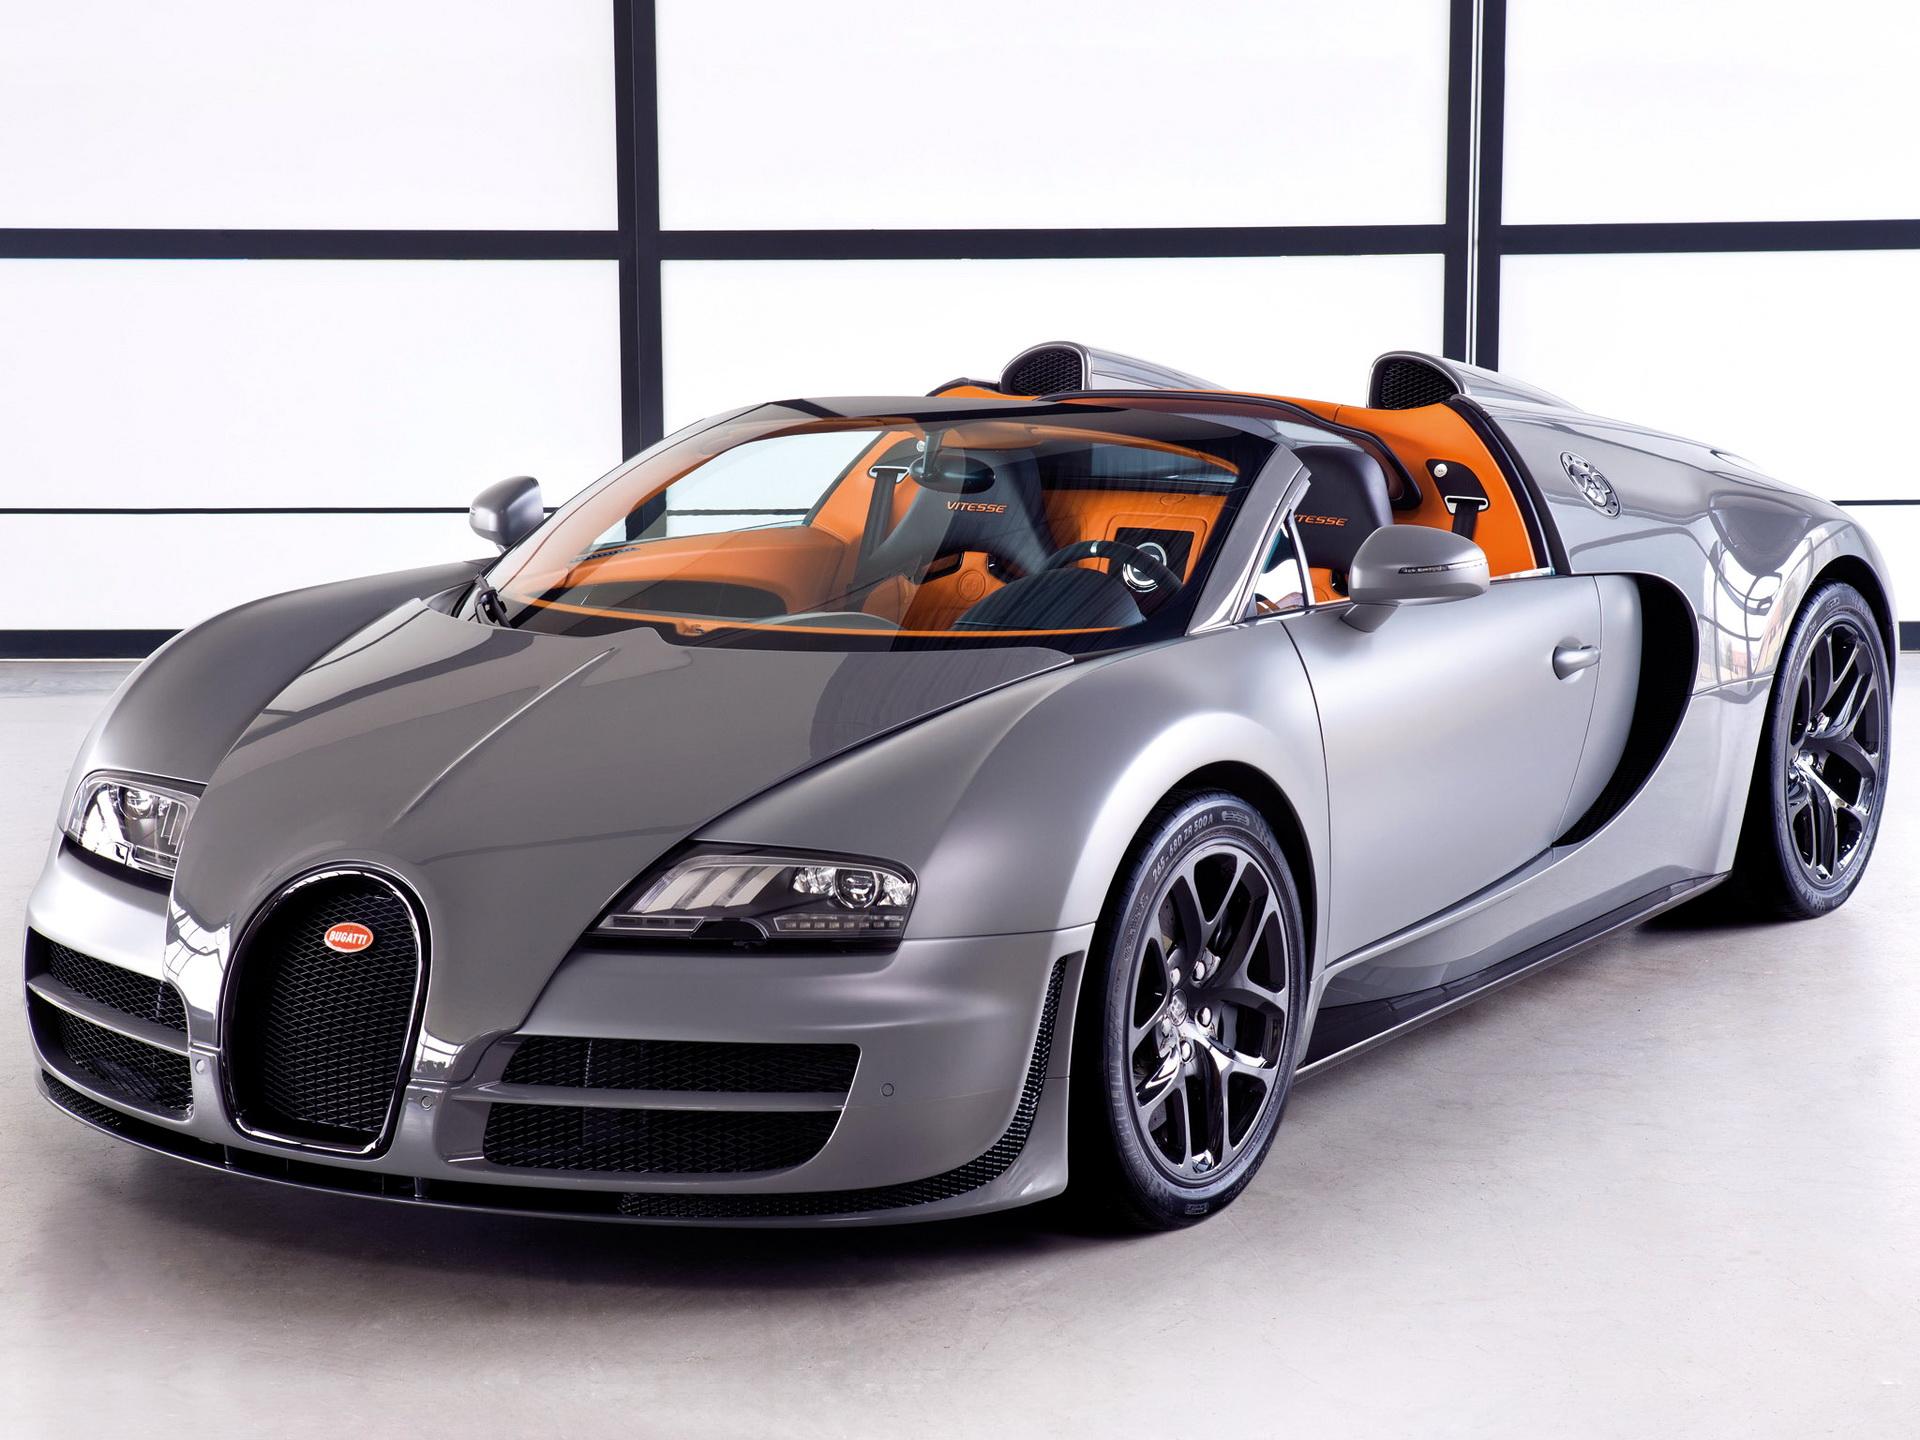 Les cinq plus belles voitures de tous les temps - Image belle voiture ...